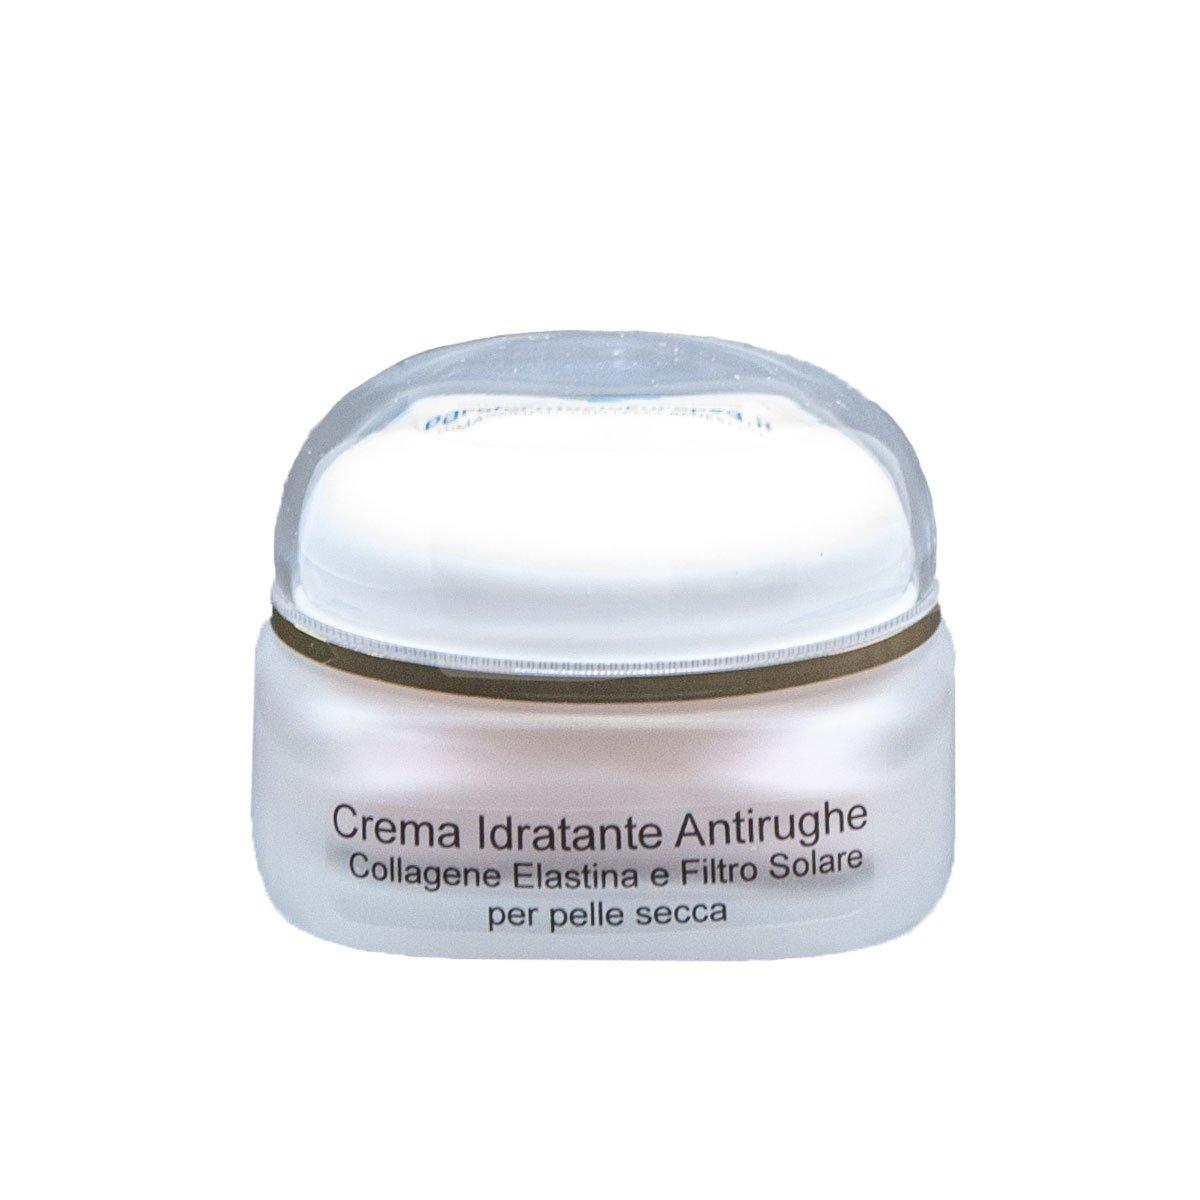 Crema antirughe collagene - parafarmaciaeuropea